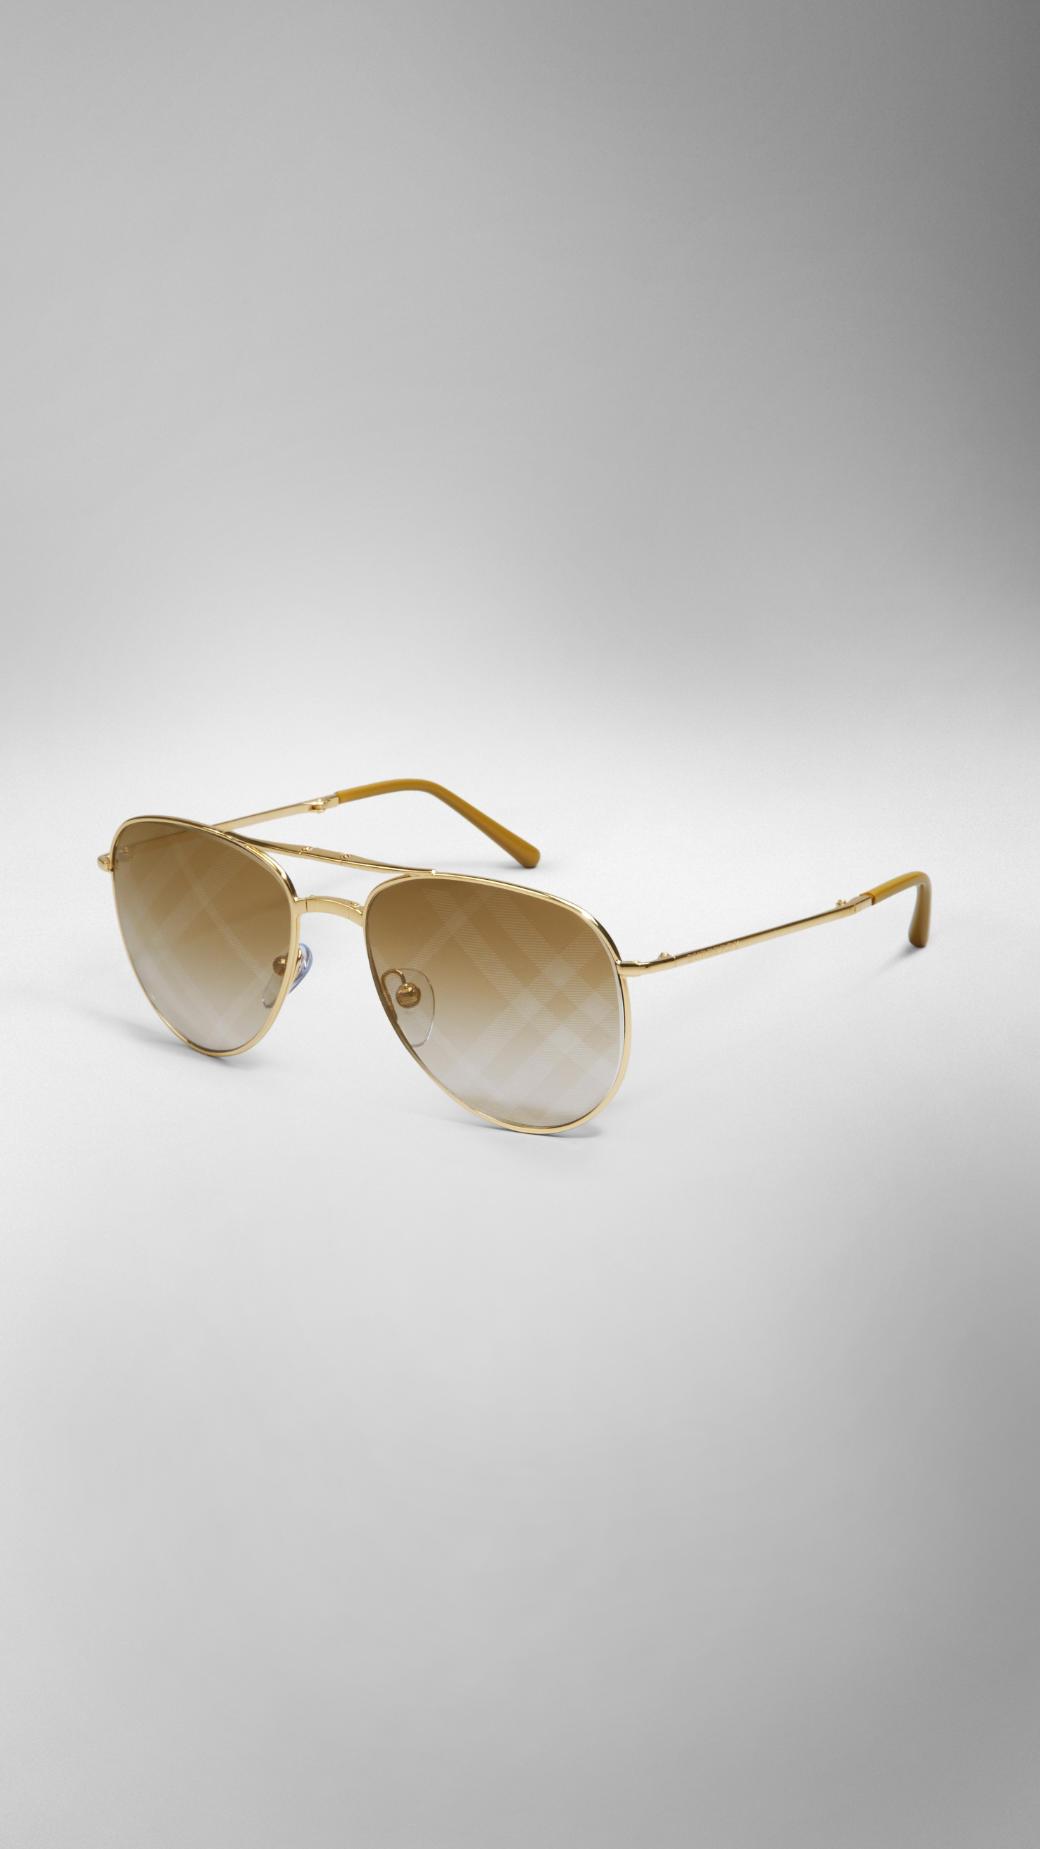 486e02e34b44 Lyst - Burberry Spark Foldable Aviator Sunglasses With Check Lenses ...